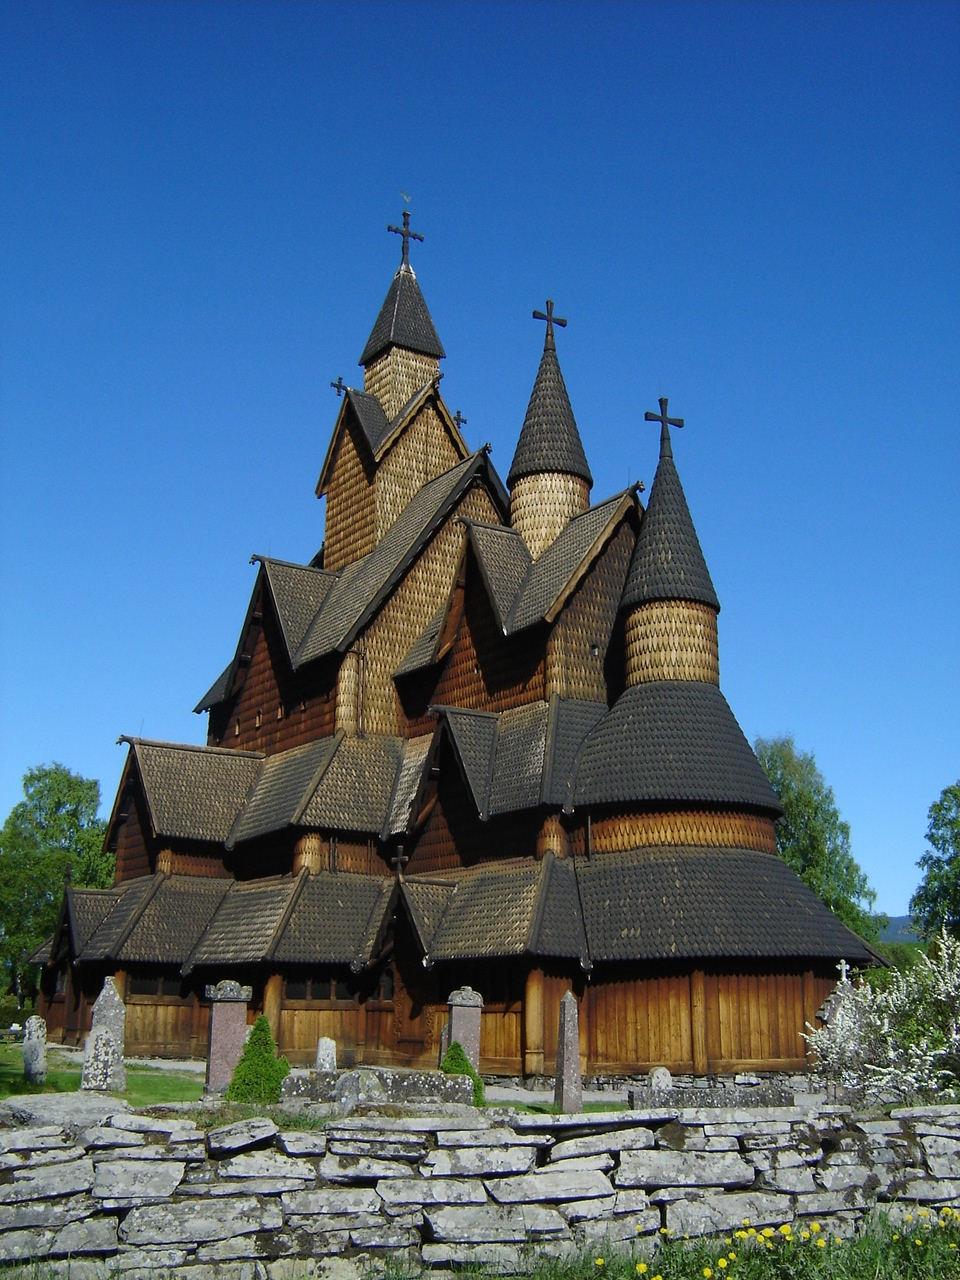 ウルネスの木造教会の画像 p1_22